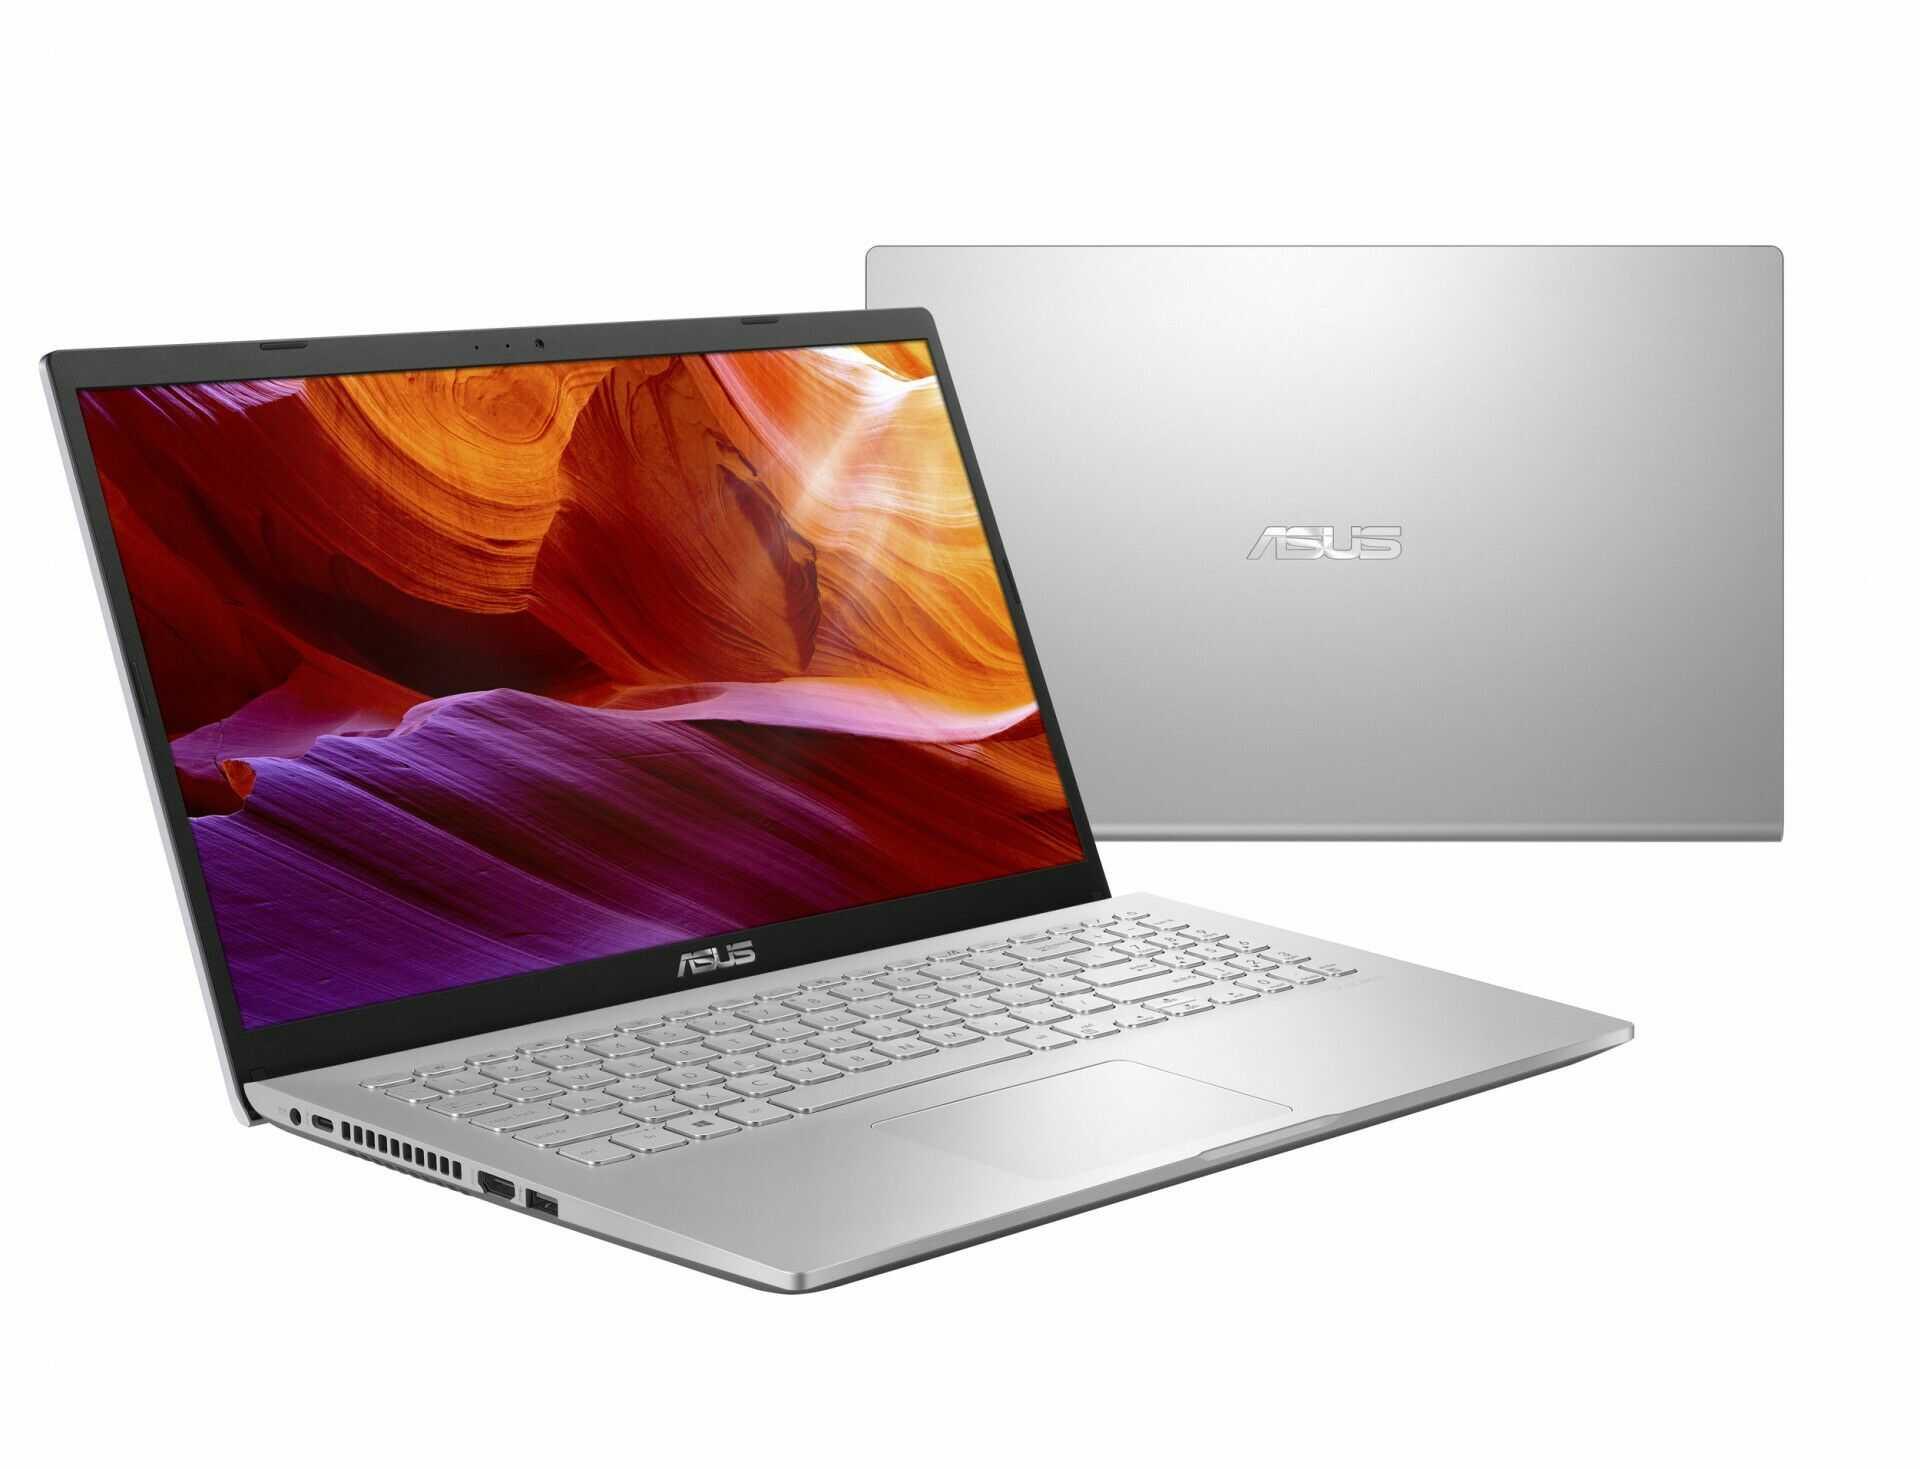 Laptop ASUS VivoBook 15 X509MA-BR239T 90NB0Q31-M04890